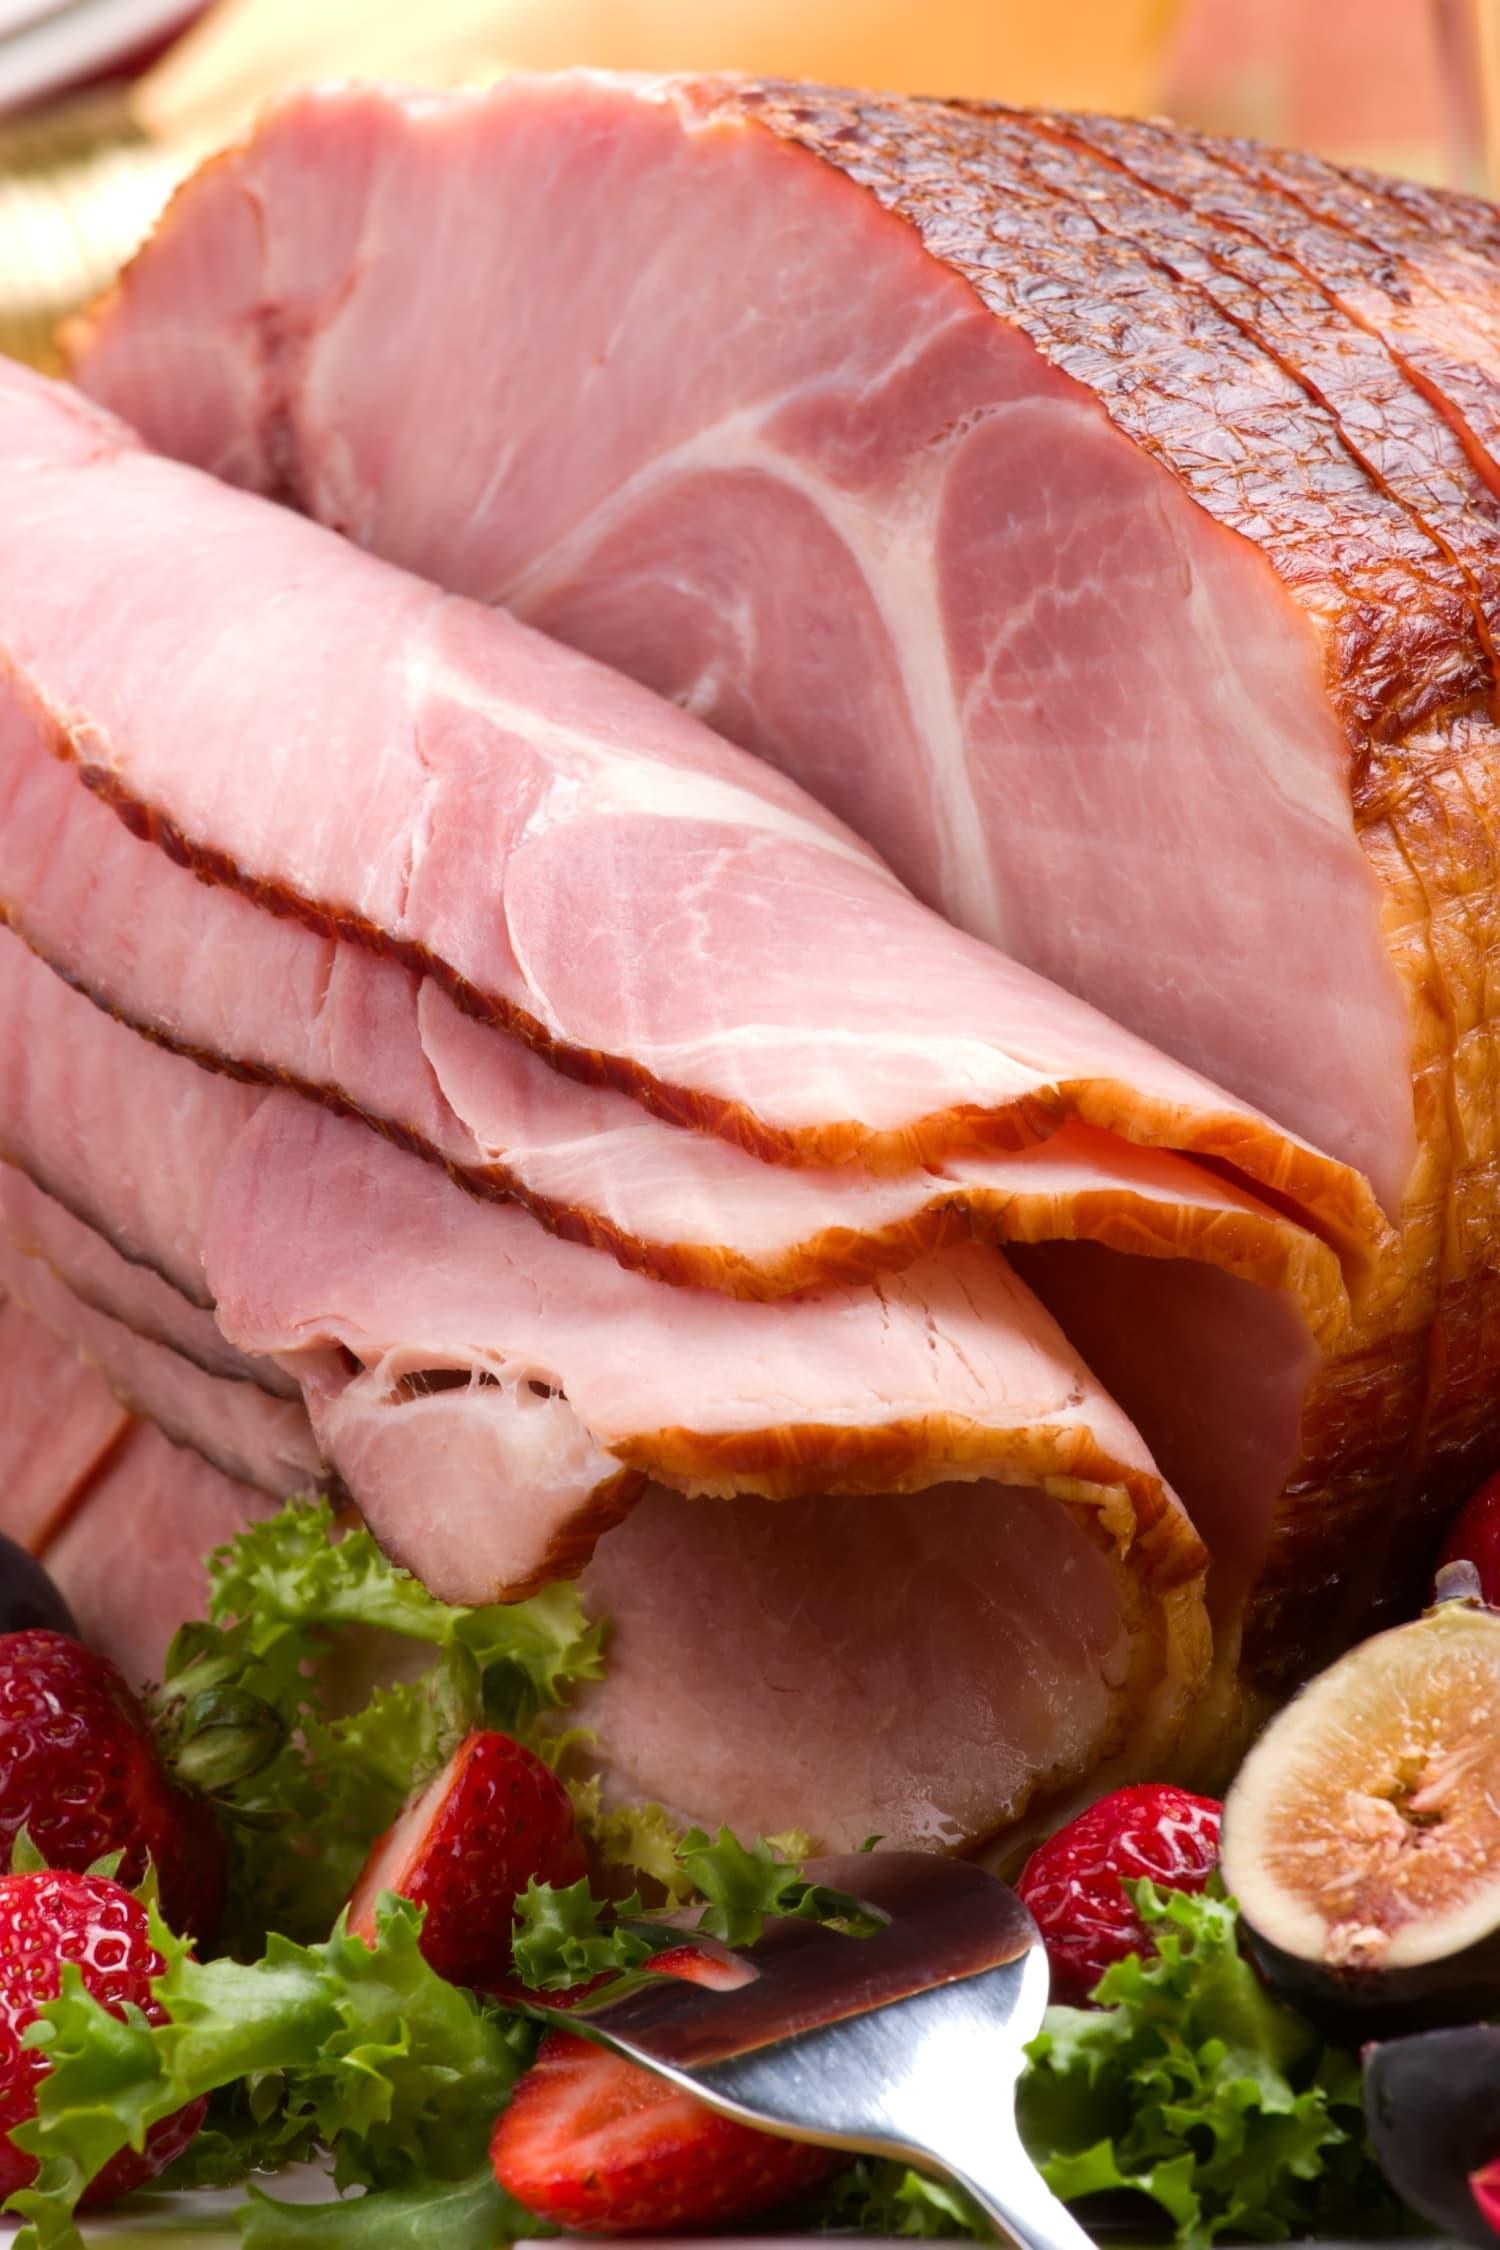 Red Spots On Turkey Deli Meat